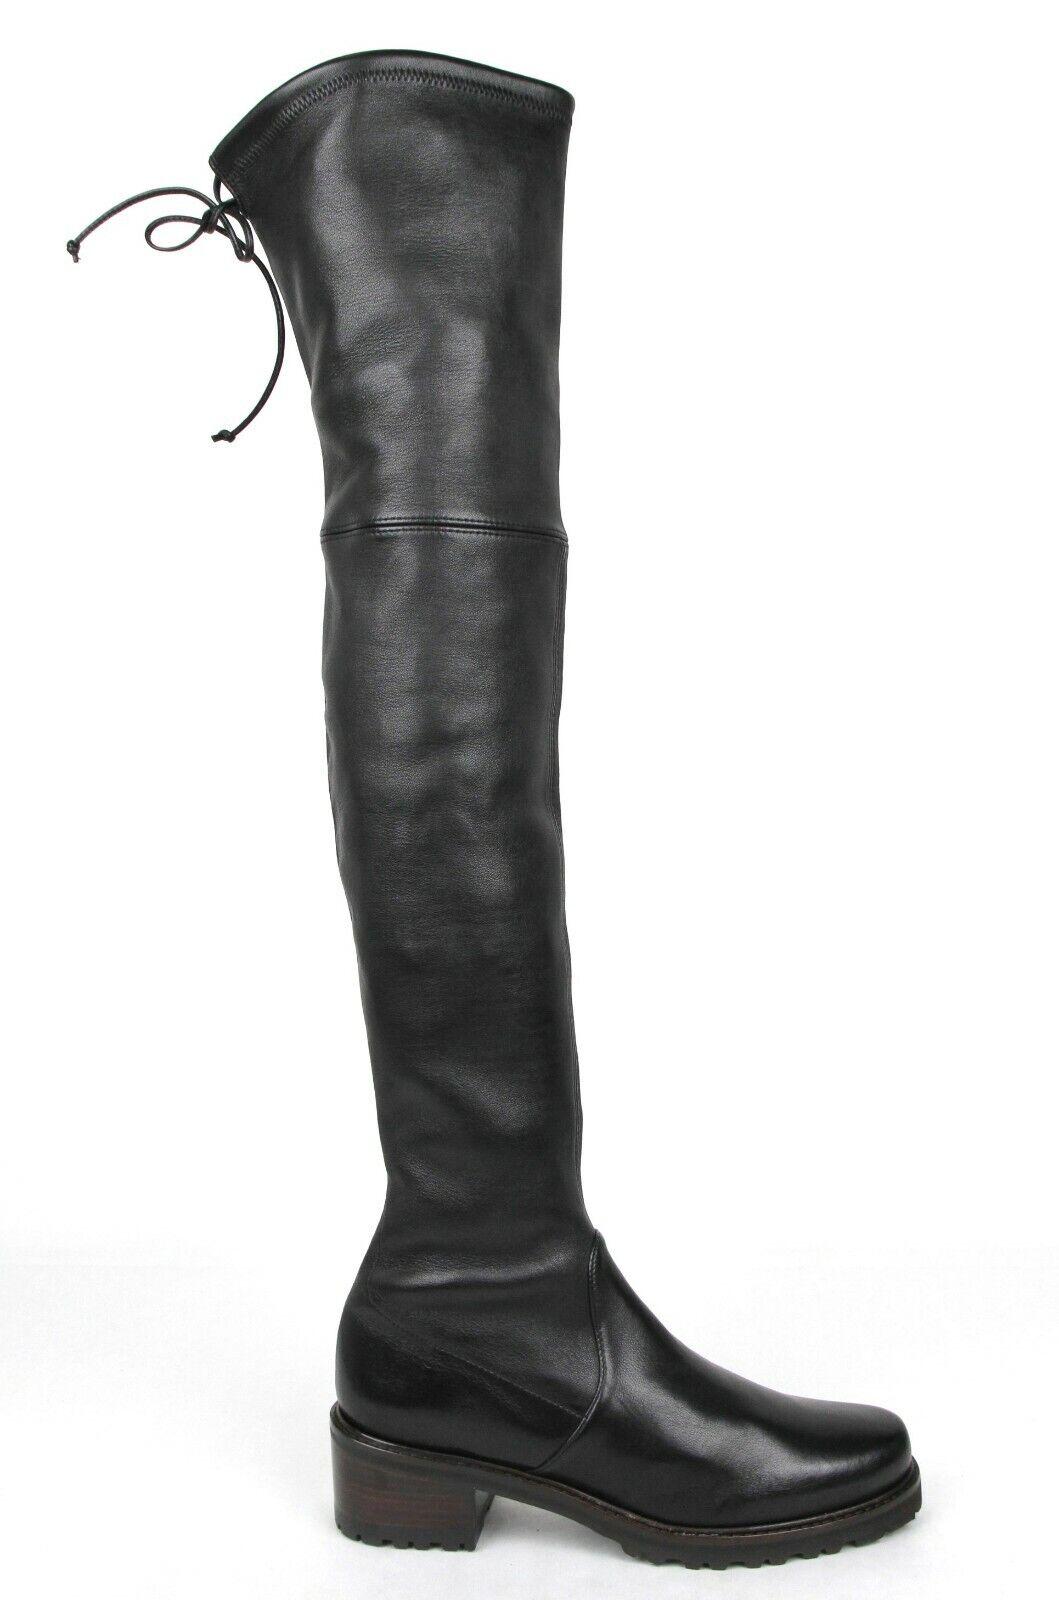 Stuart Weitzman Vanland schwarz Plonge Stretch Leder über dem Knie Stiefel